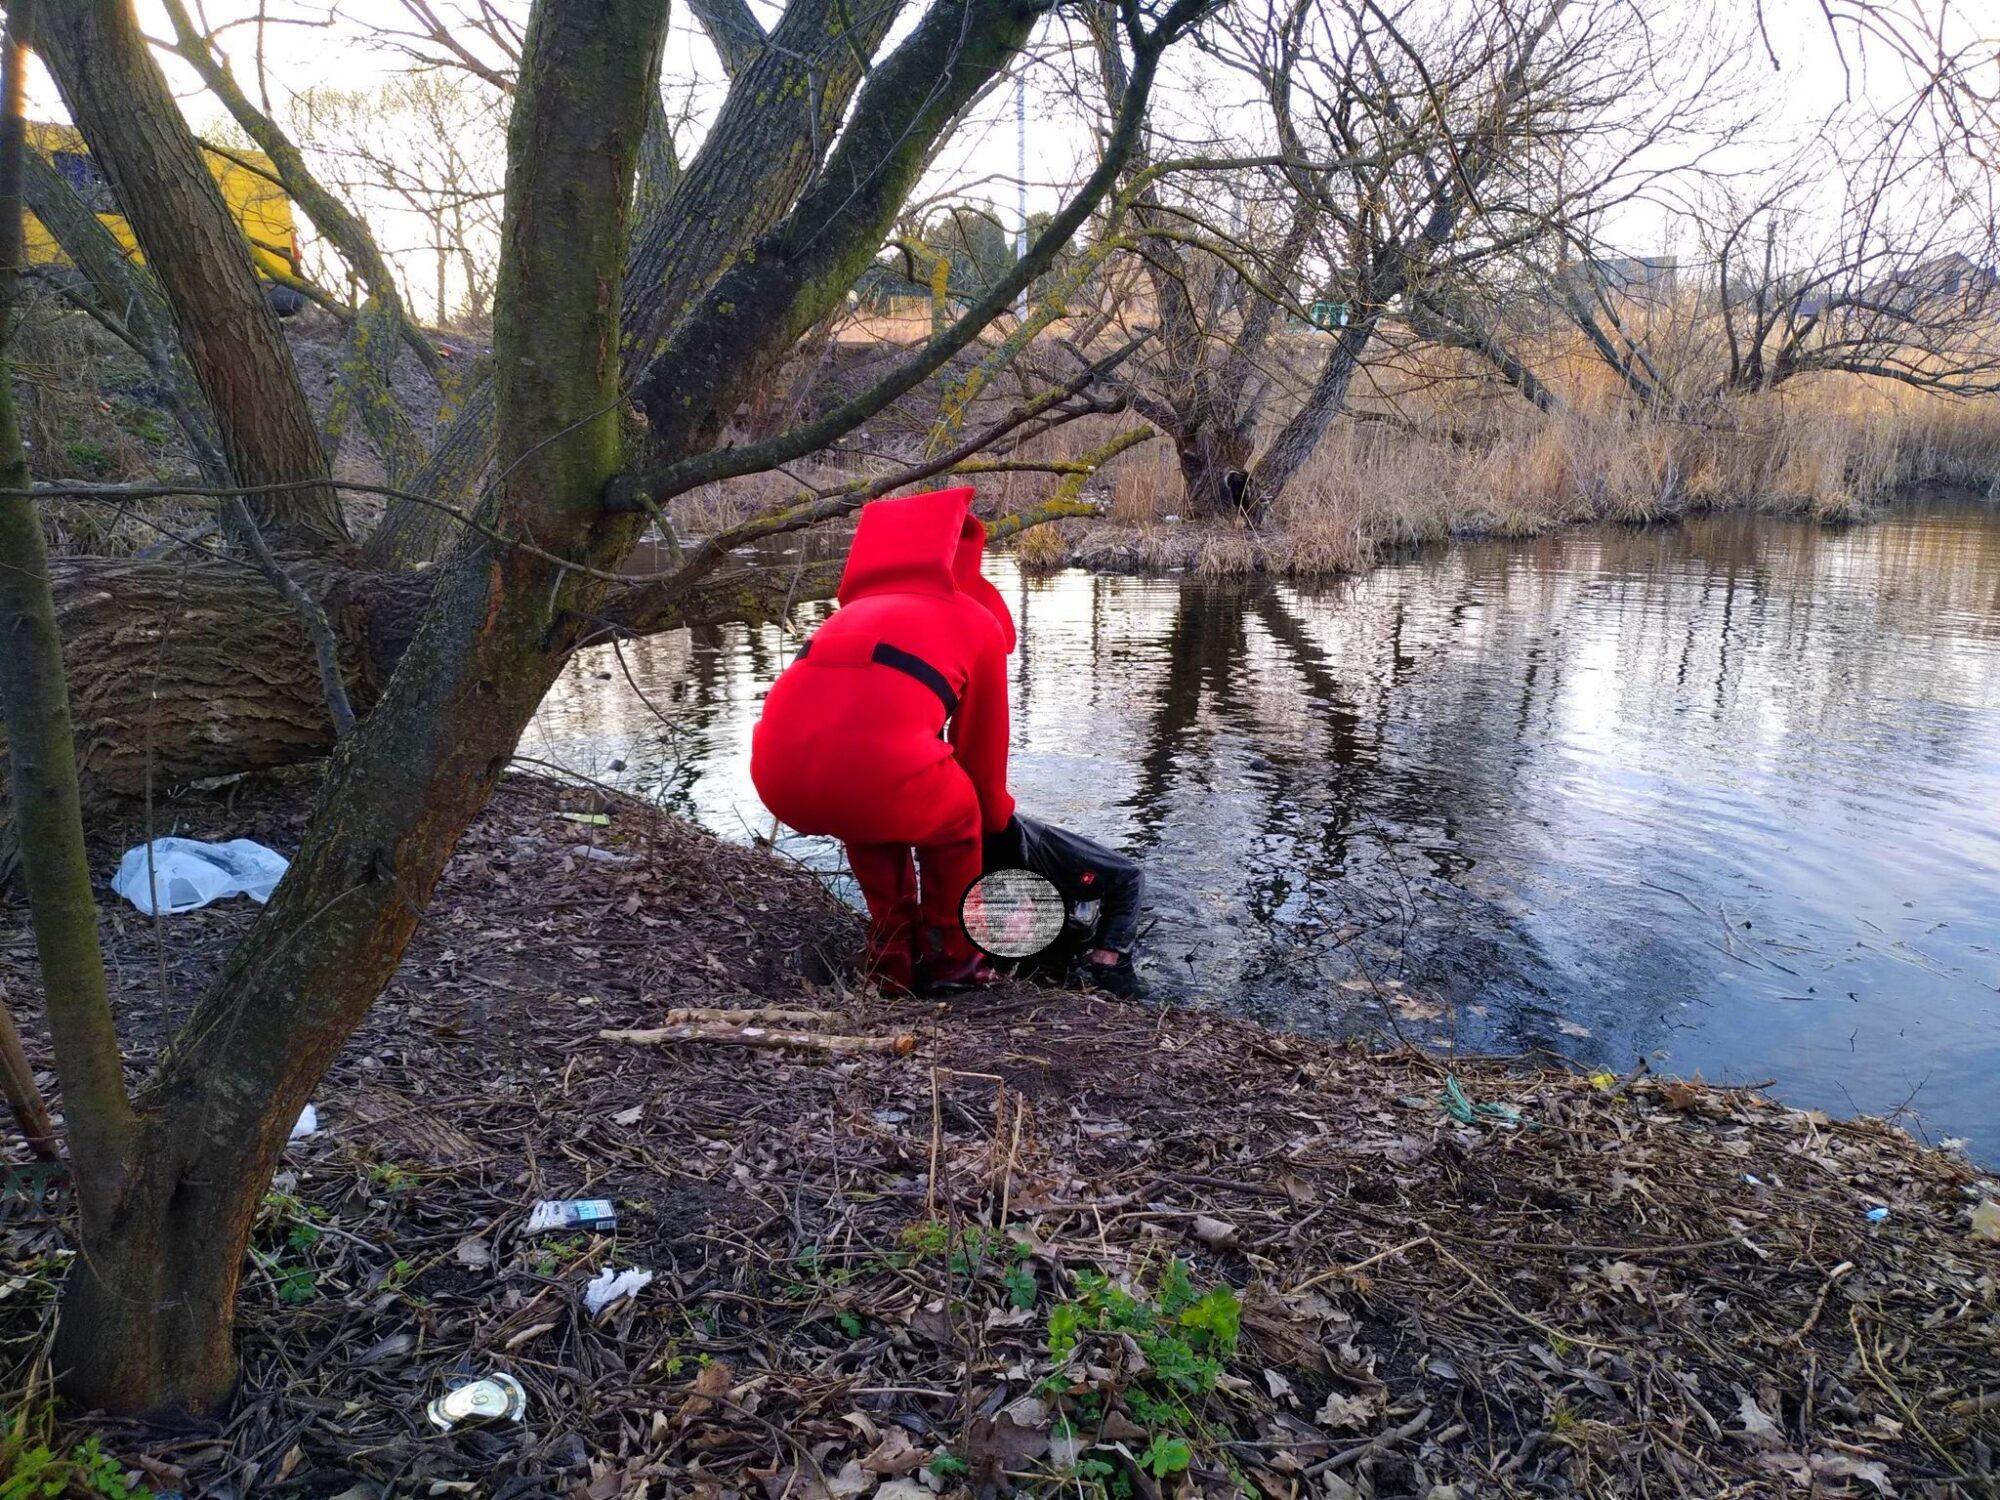 В одному із озер у Бучансьвому районі знайшли тіло потопельника - тіло, потопельник, озеро, Микуличі, Бучанський район - 163965824 239158364570428 2283728339864149202 n 2000x1500